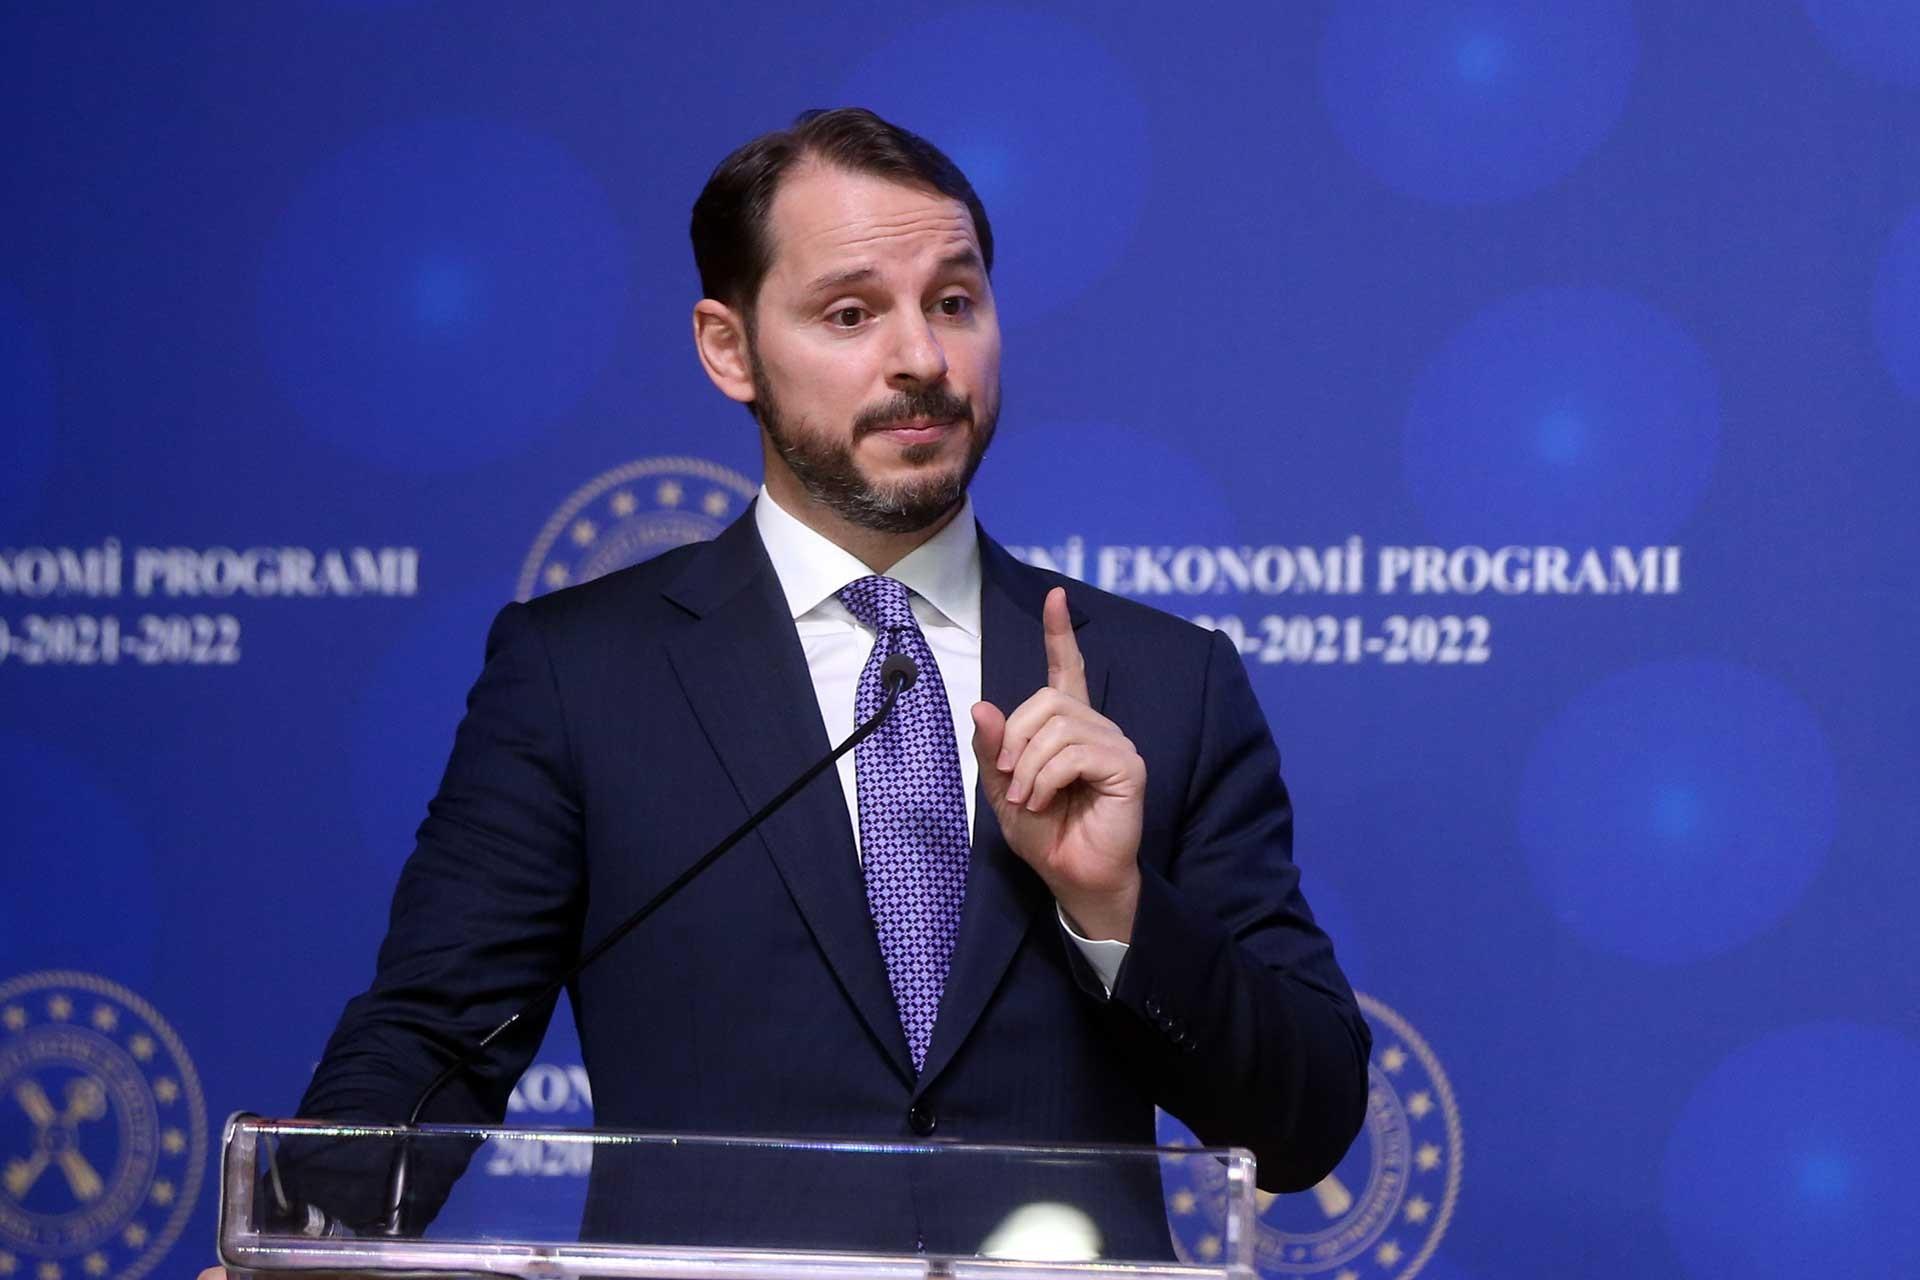 Berat Albayrak Yeni Ekonomi Programı'nı açıkladı: 2021 işsizlik tahmini yüzde10,6